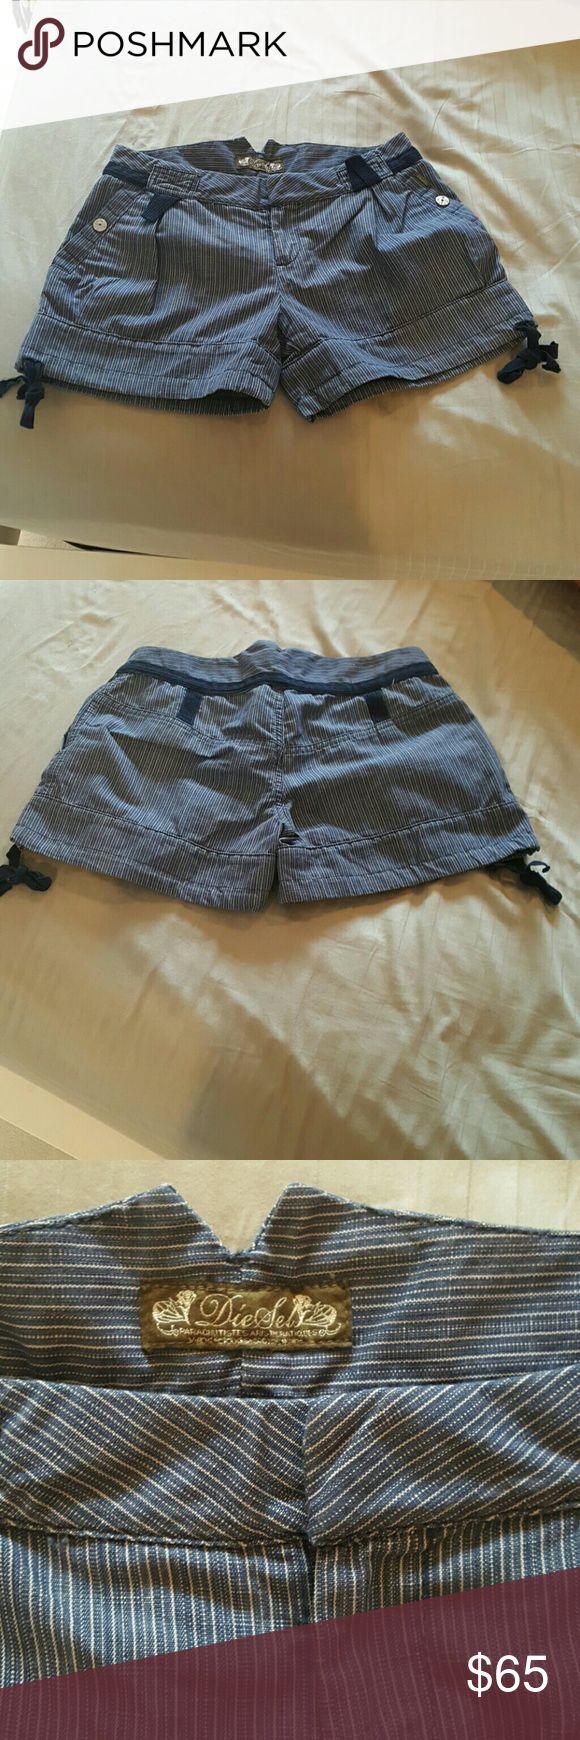 NWOT! Never worn Diesel jeans shorts! So cute, striped jeans shorts  adorable design! Diesel Shorts Bermudas